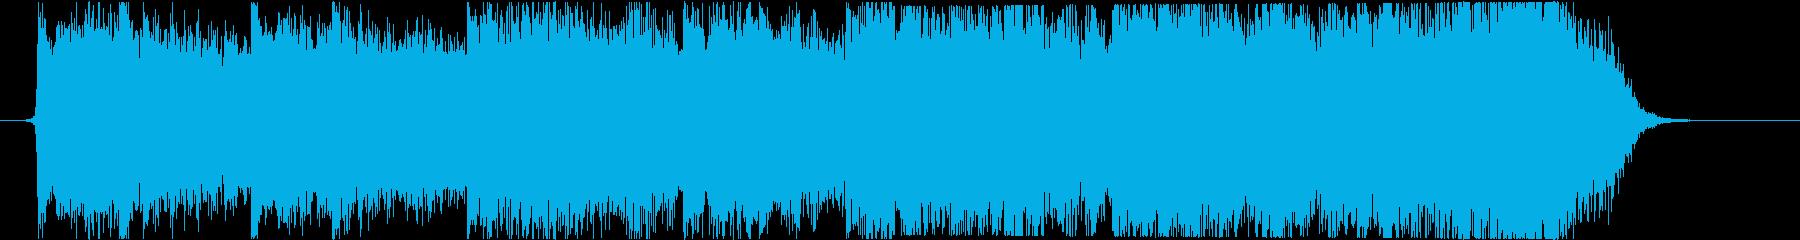 法人 センチメンタル 感情的 説明...の再生済みの波形